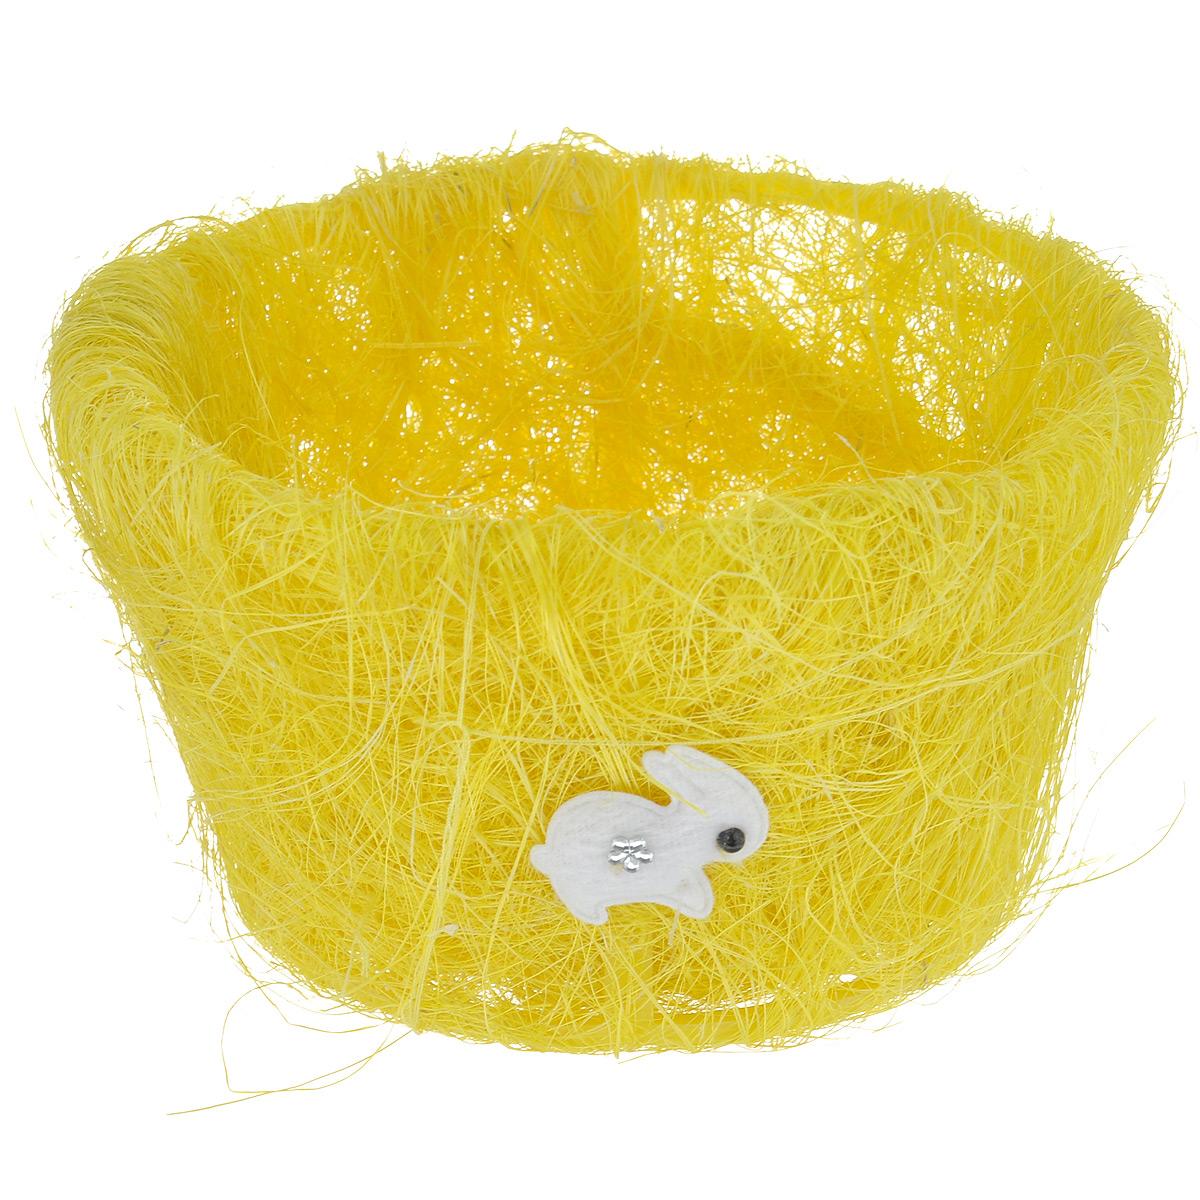 Корзина декоративная Home Queen Полевые цветы, цвет: желтый, 15,5 х 9 см66819_1Декоративная корзина Home Queen Полевые цветы предназначена для хранения различных мелочей и аксессуаров. Изделие имеет пластиковый каркас, обтянутый нитями из полиэстера. Корзина украшена фигуркой зайца со стразами.Такая корзина станет оригинальным и необычным подарком или украшением интерьера. Размер корзины: 15,5 см х 15,5 см х 9 см.Диаметр дна: 11 см.